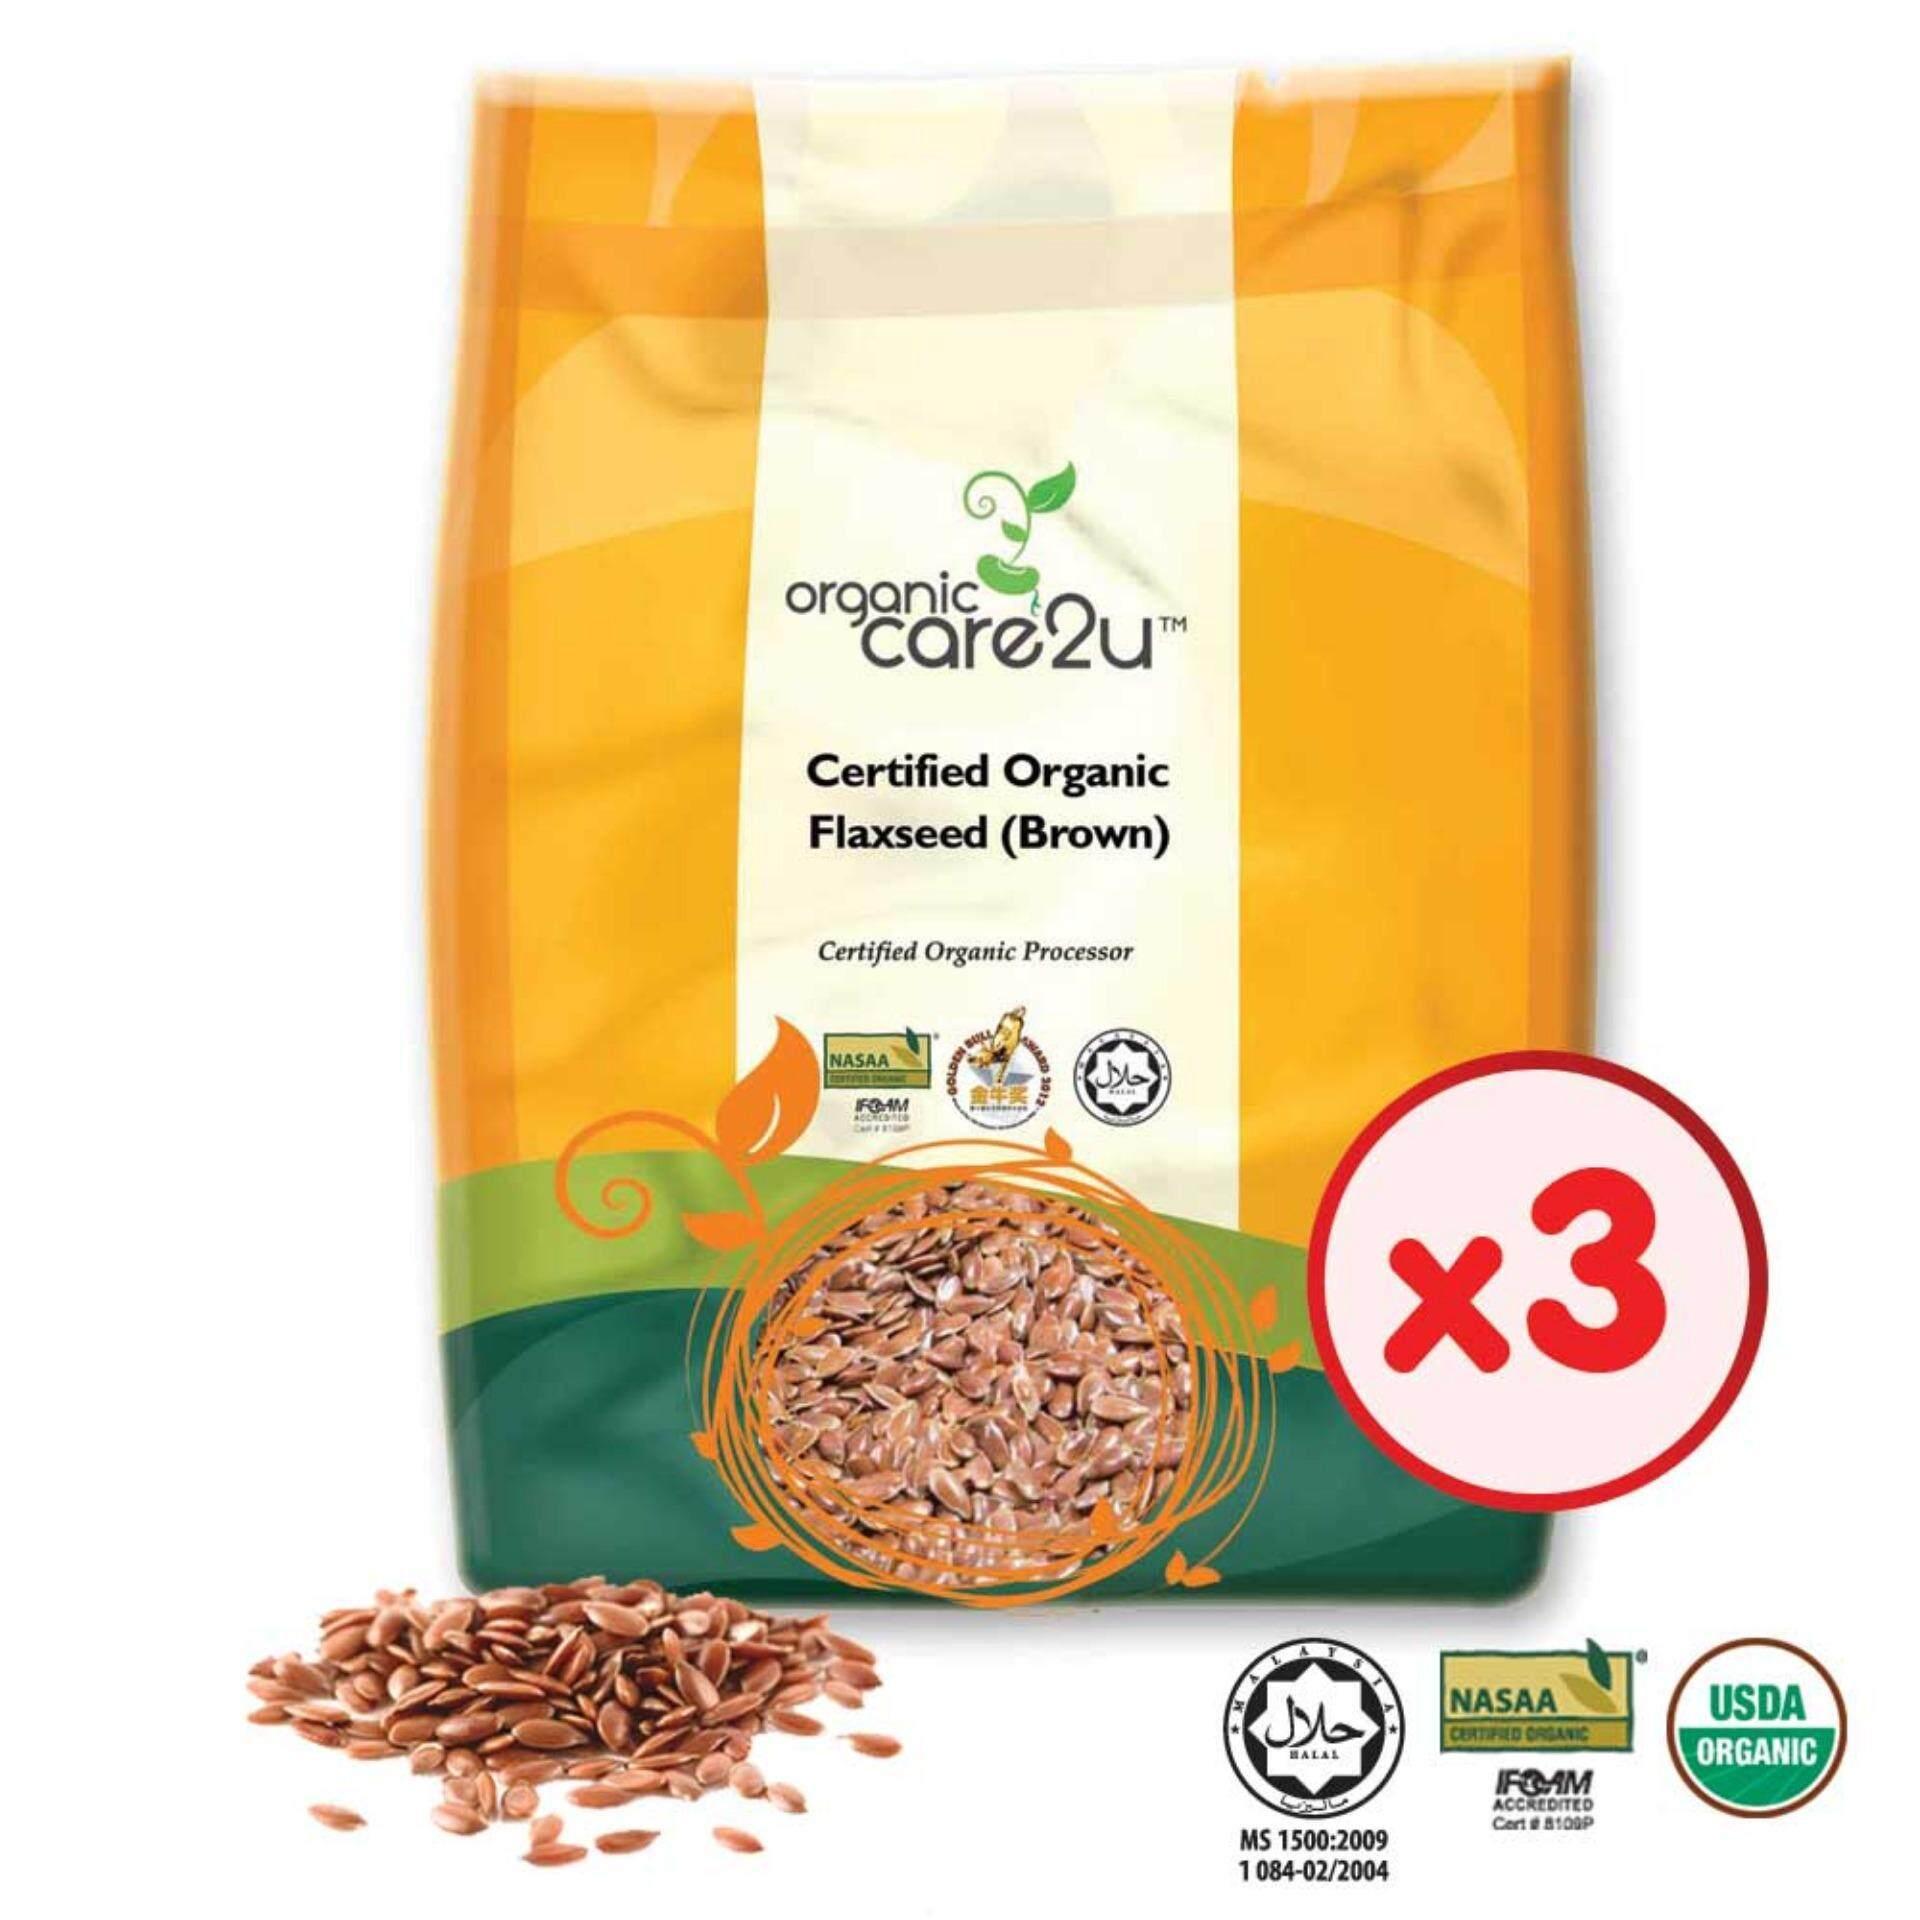 Organic Care2u Organic Flax Seed (brown) (400g) - [Bundle of 3]